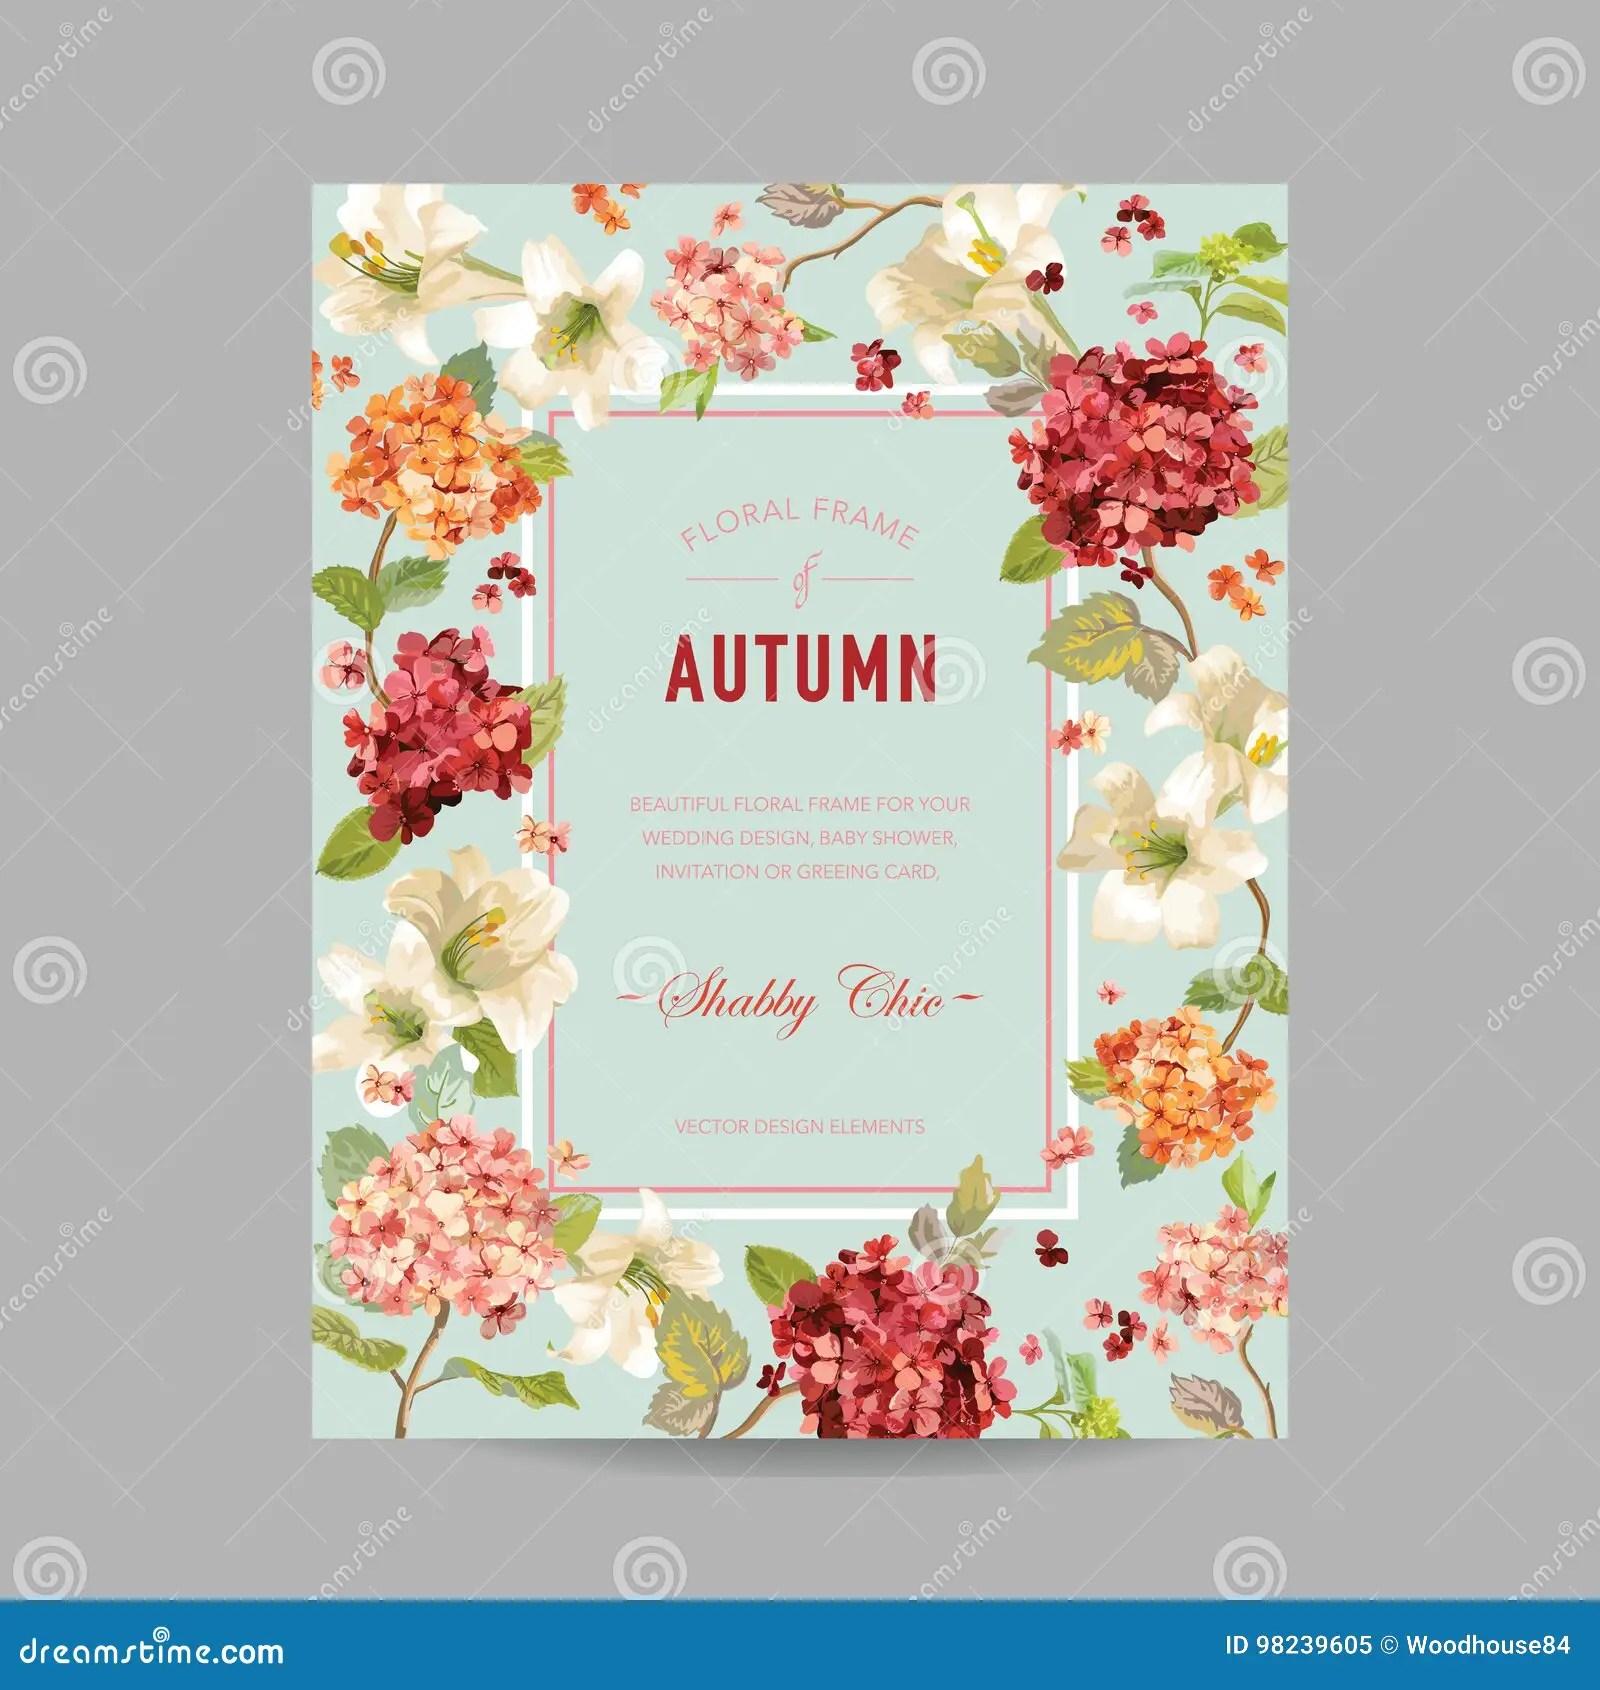 Einladung Hochzeit Karte Weinlese Herbst Und Sommer Blumenrahmen